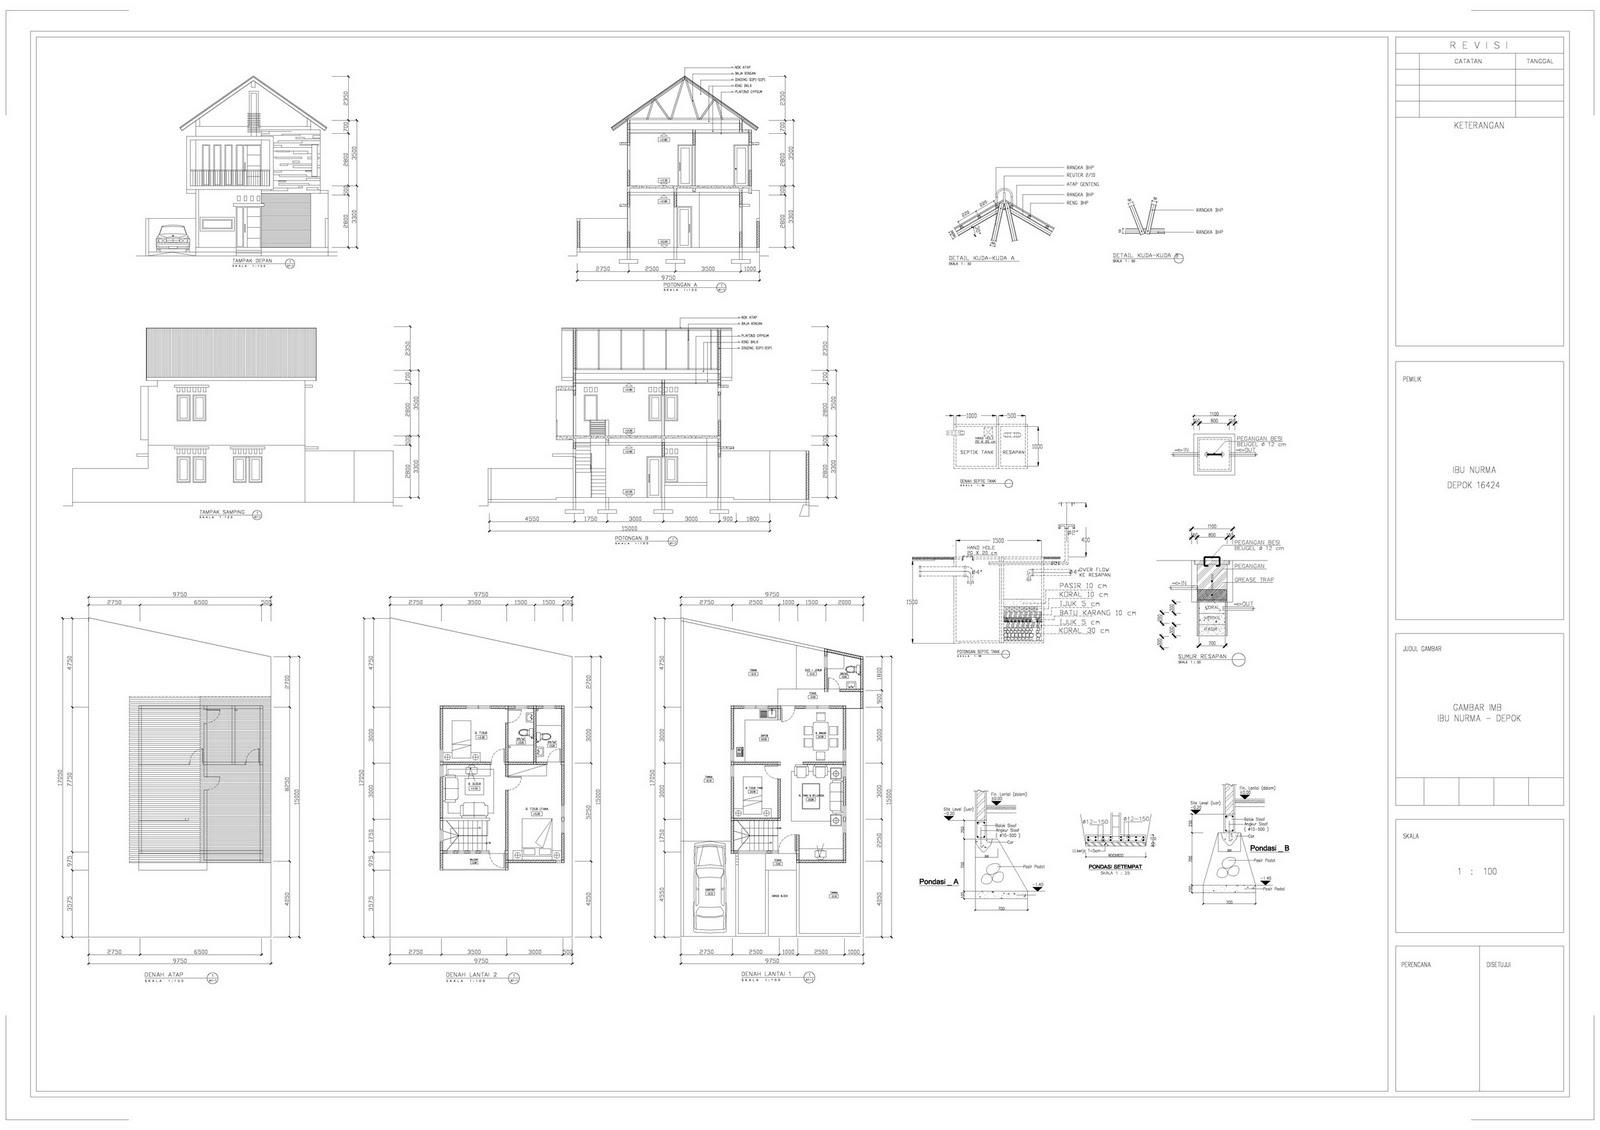 104 Contoh Gambar Kerja Rumah Minimalis 2 Lantai Gambar Desain Rumah Minimalis